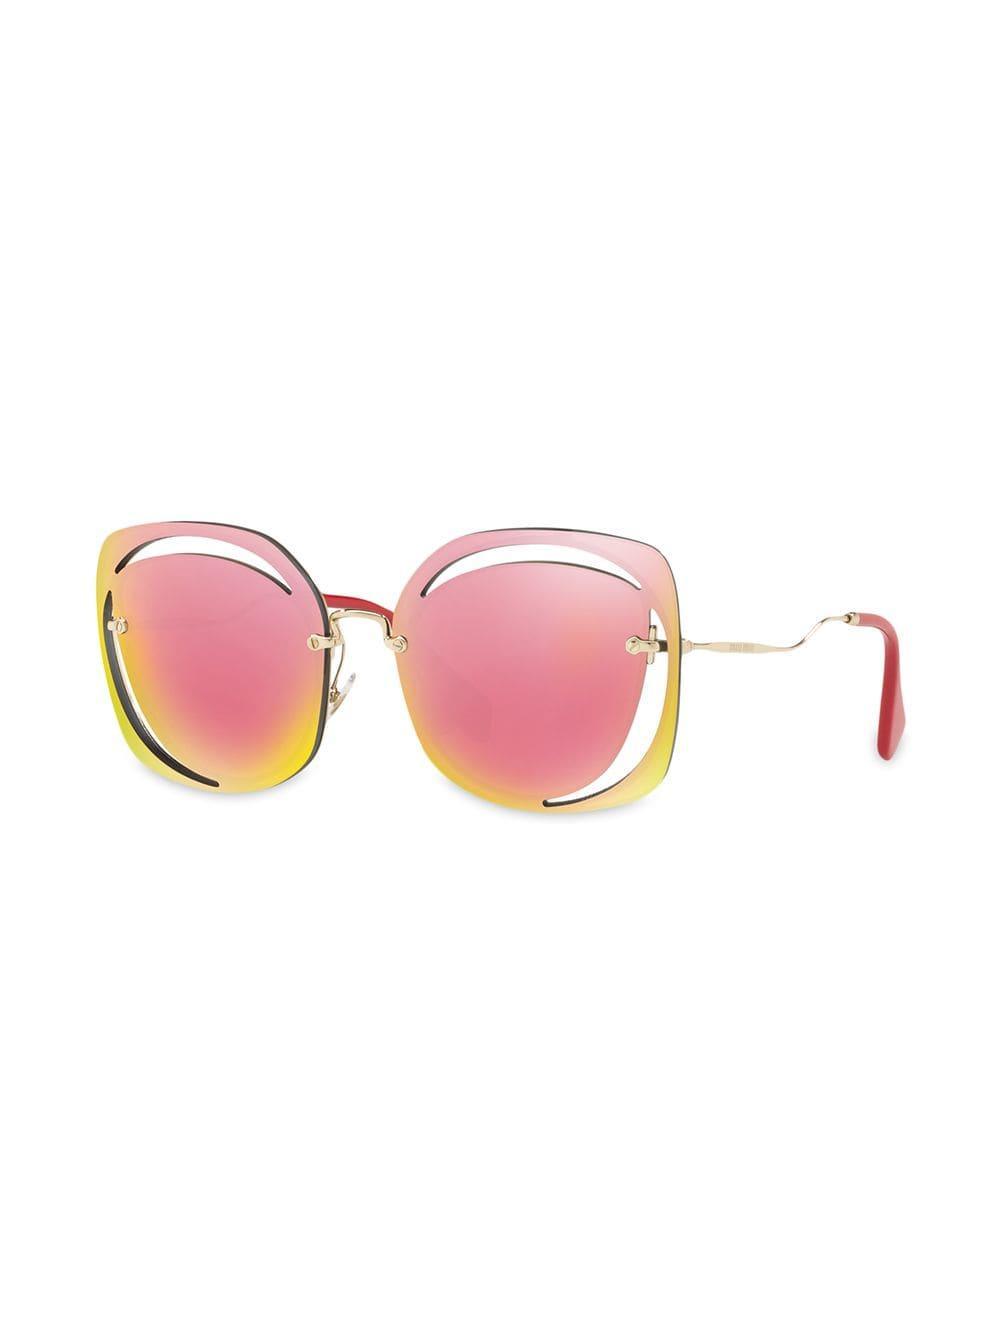 a8ec2865bfd Lyst - Miu Miu Cut Out Sunglasses in Pink